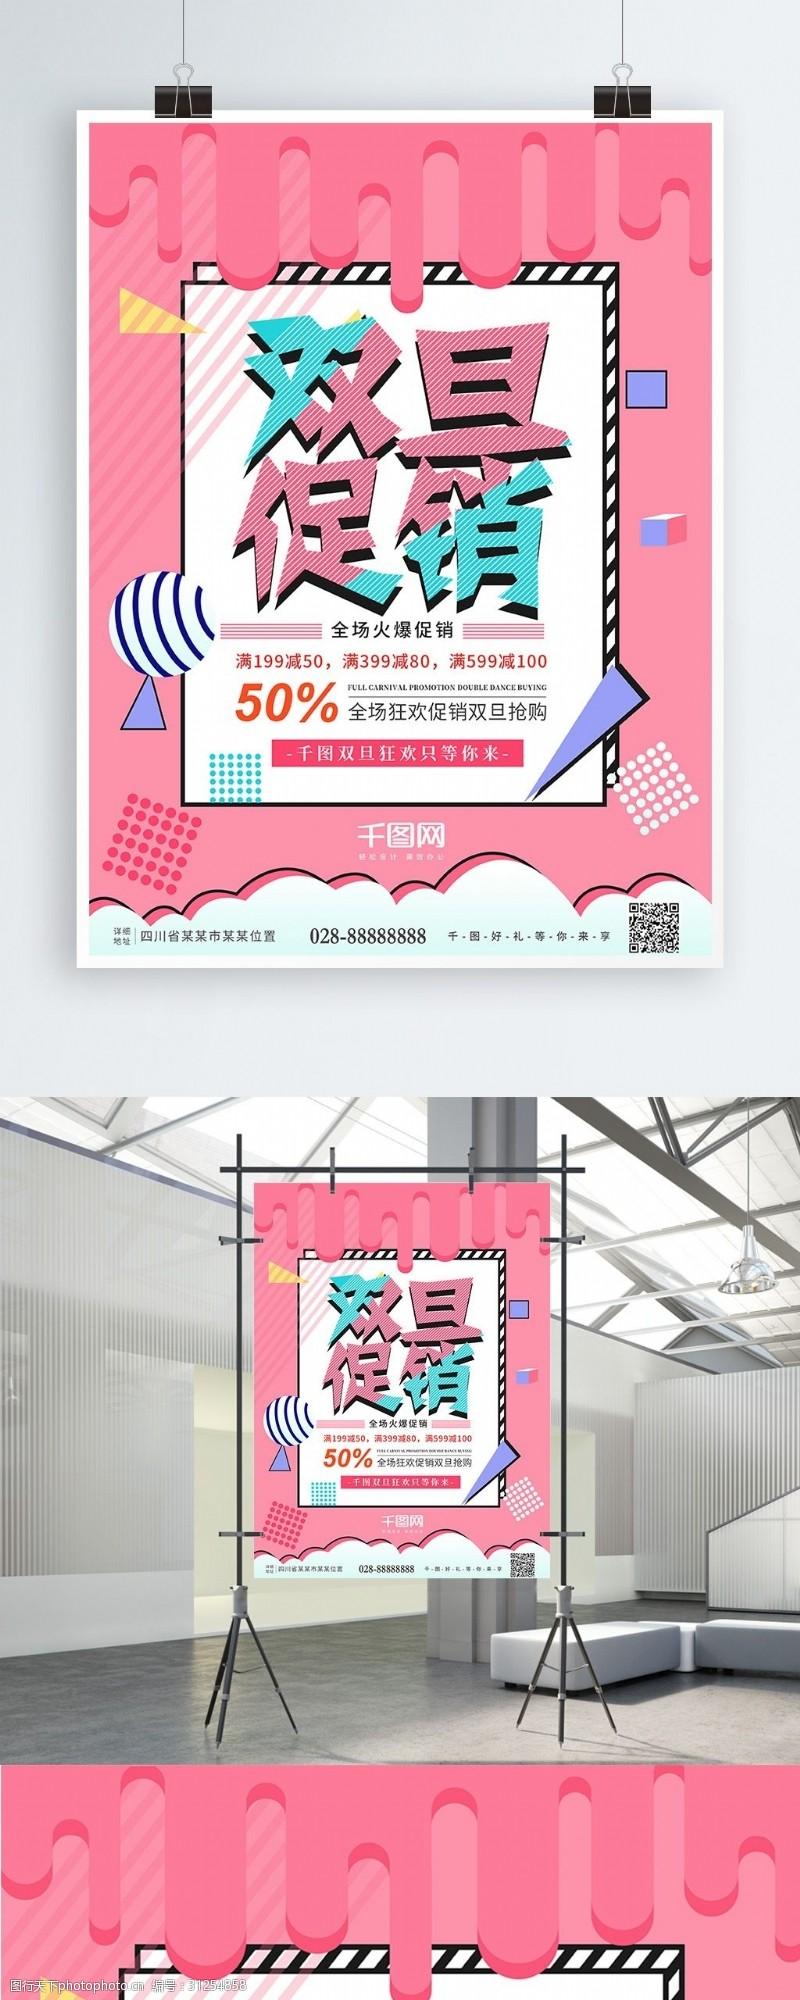 双蛋海报孟菲斯创意双旦圣诞节元旦节店铺促销海报